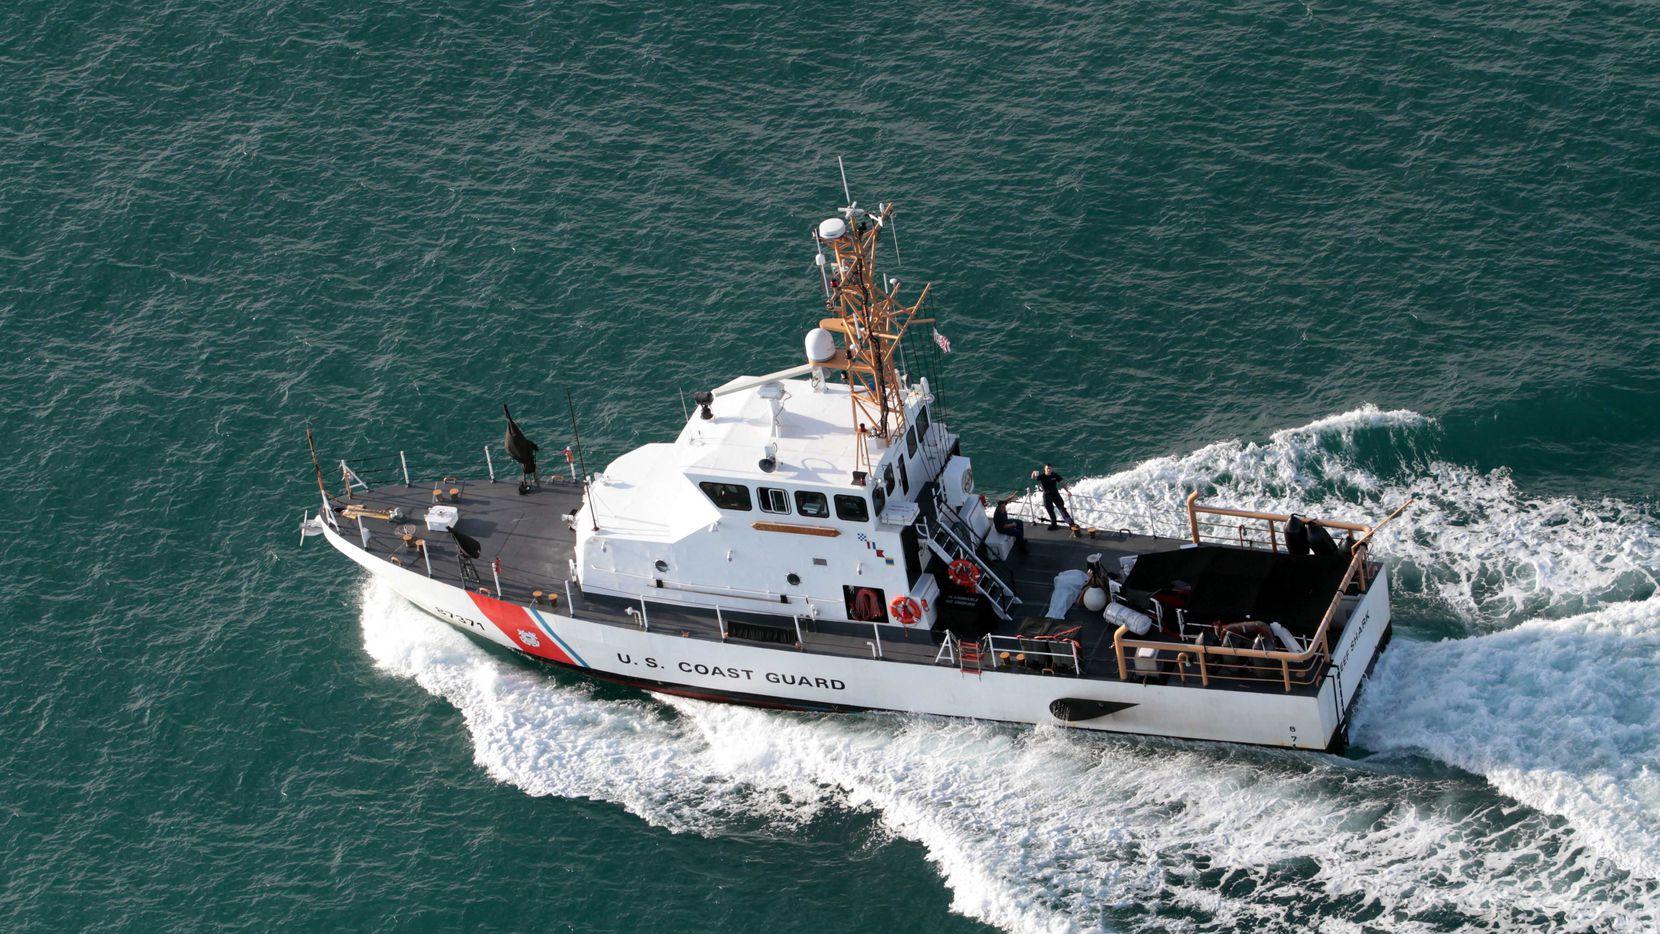 Una embarcación de la Guardia Costera vigila botes que transportes inmigrantes a territorio de Estados Unidos. AP